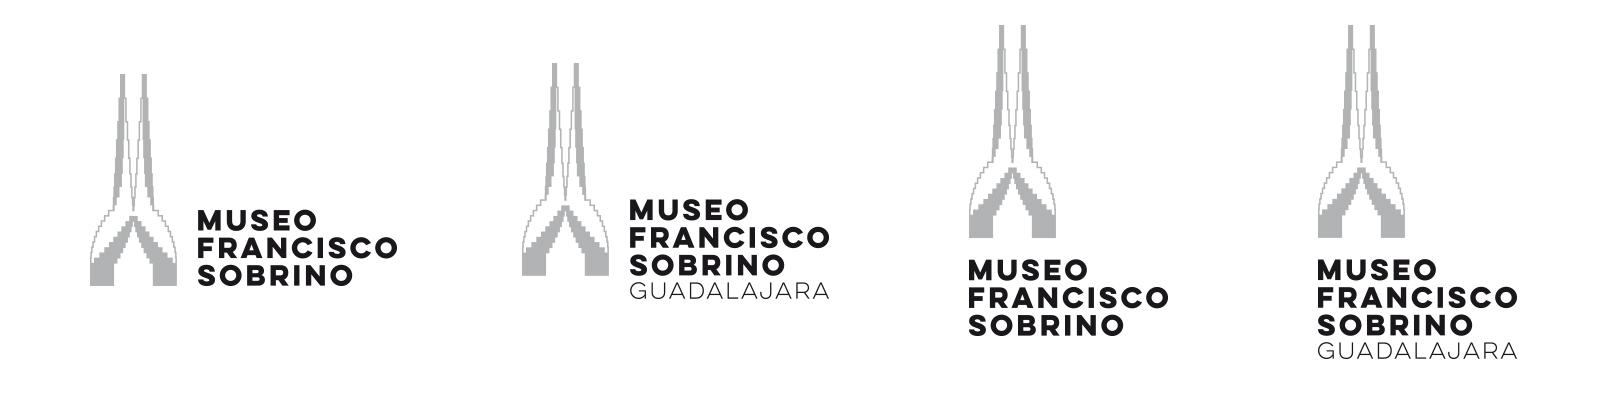 Versiones logotipo Museo Francisco Sobrino